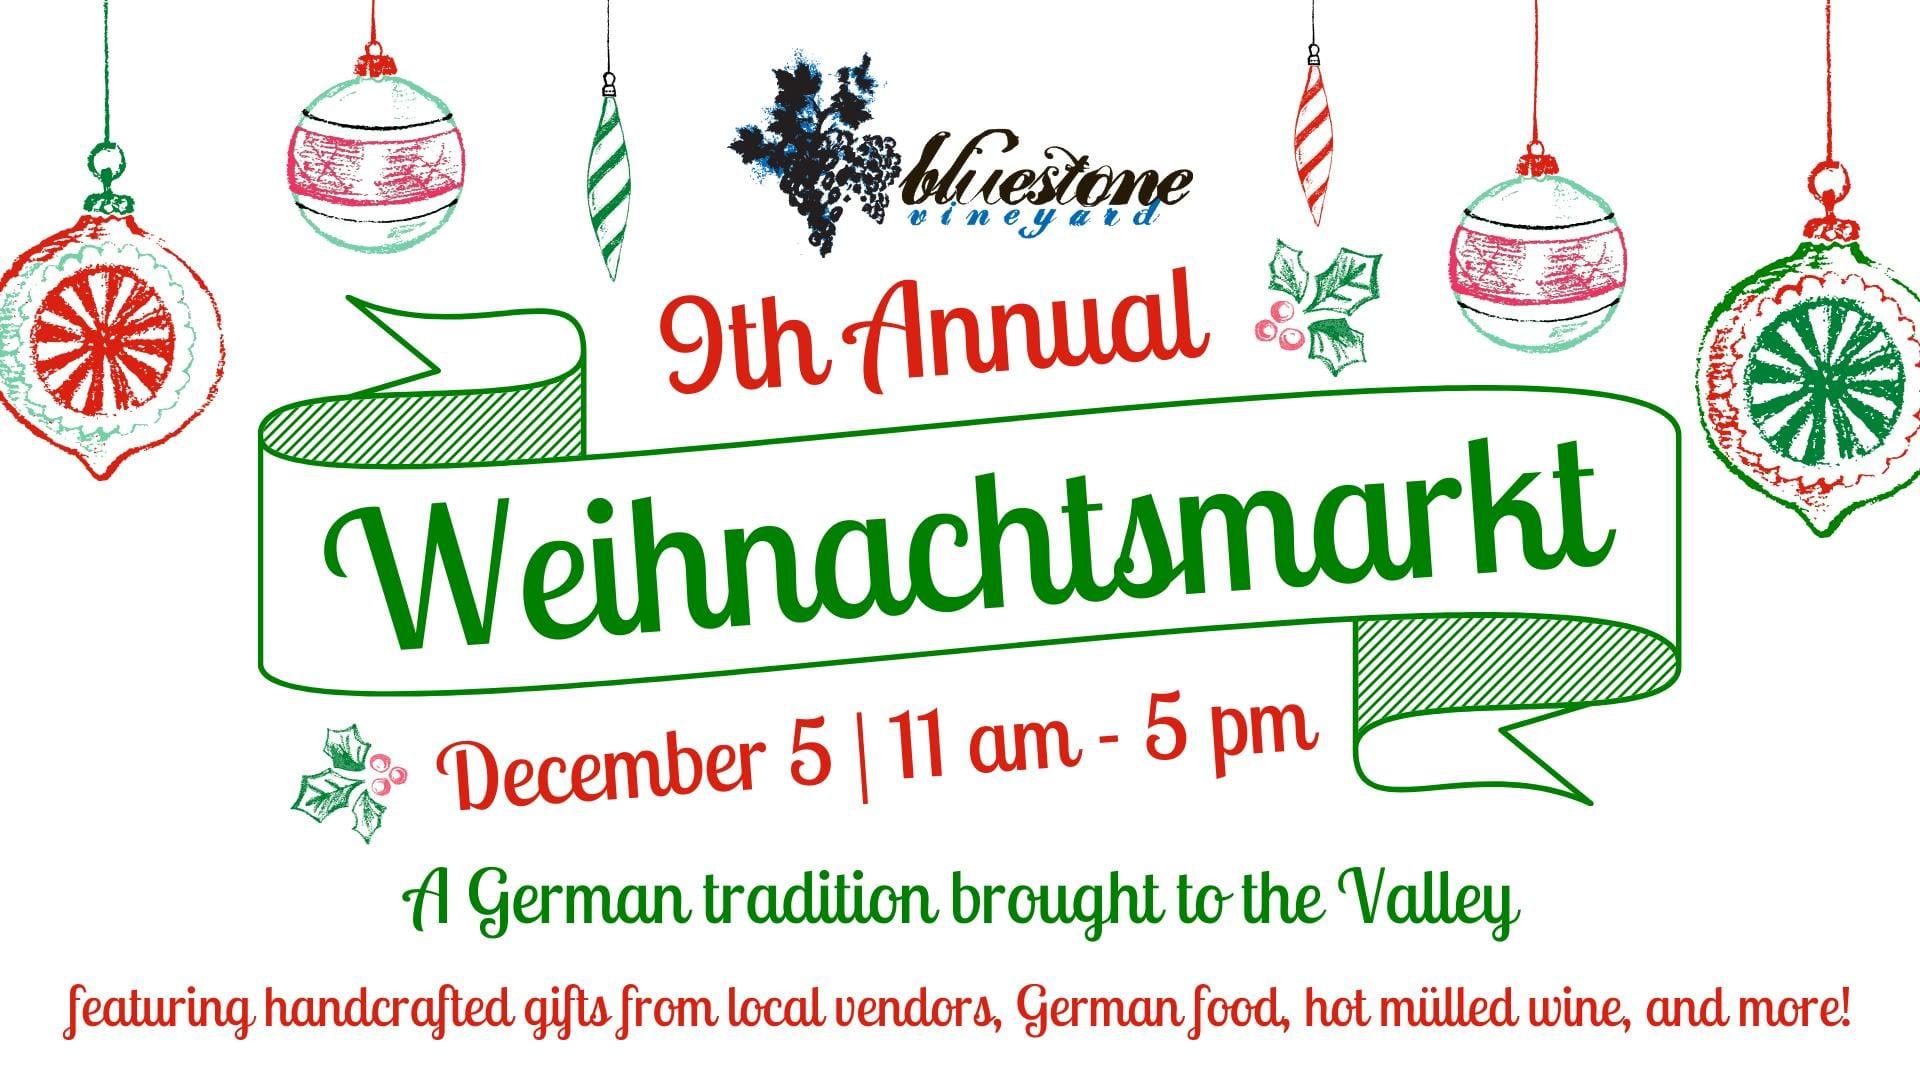 9th Annual Weihnachtsmarkt